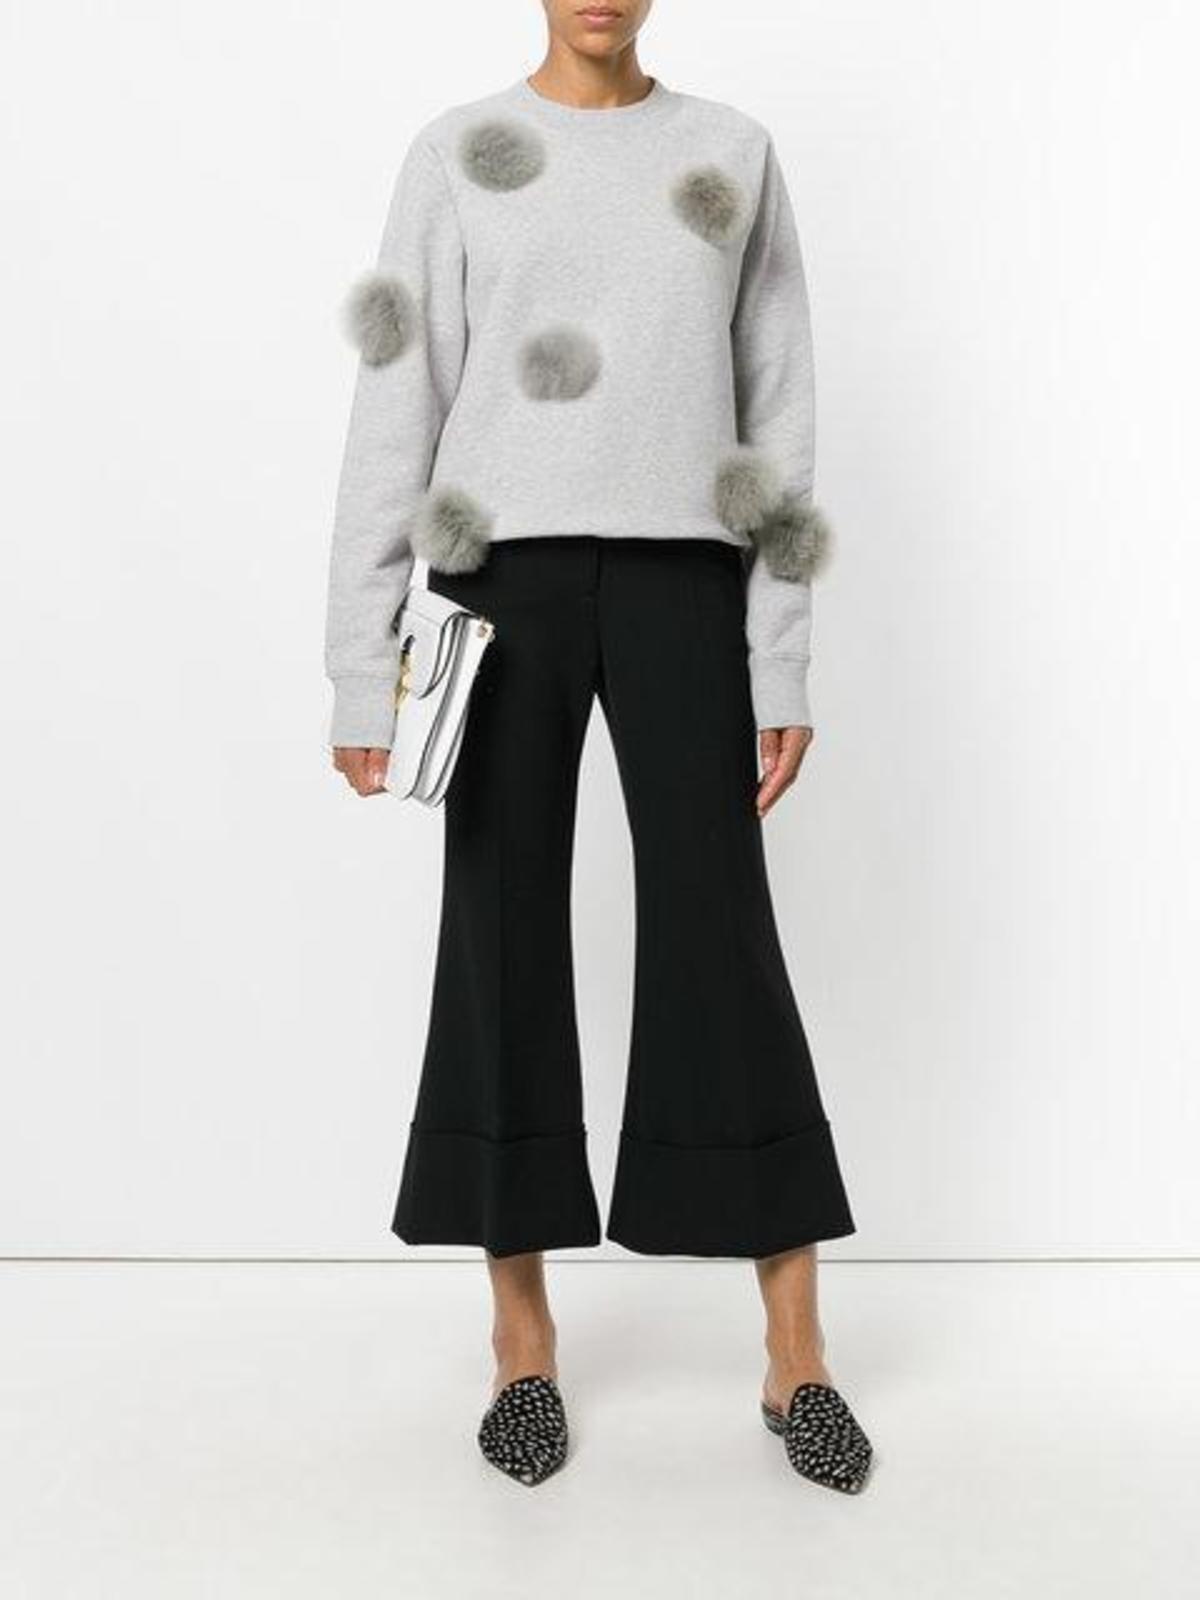 Tibi Pom Pom Sweatshirt Garmentory